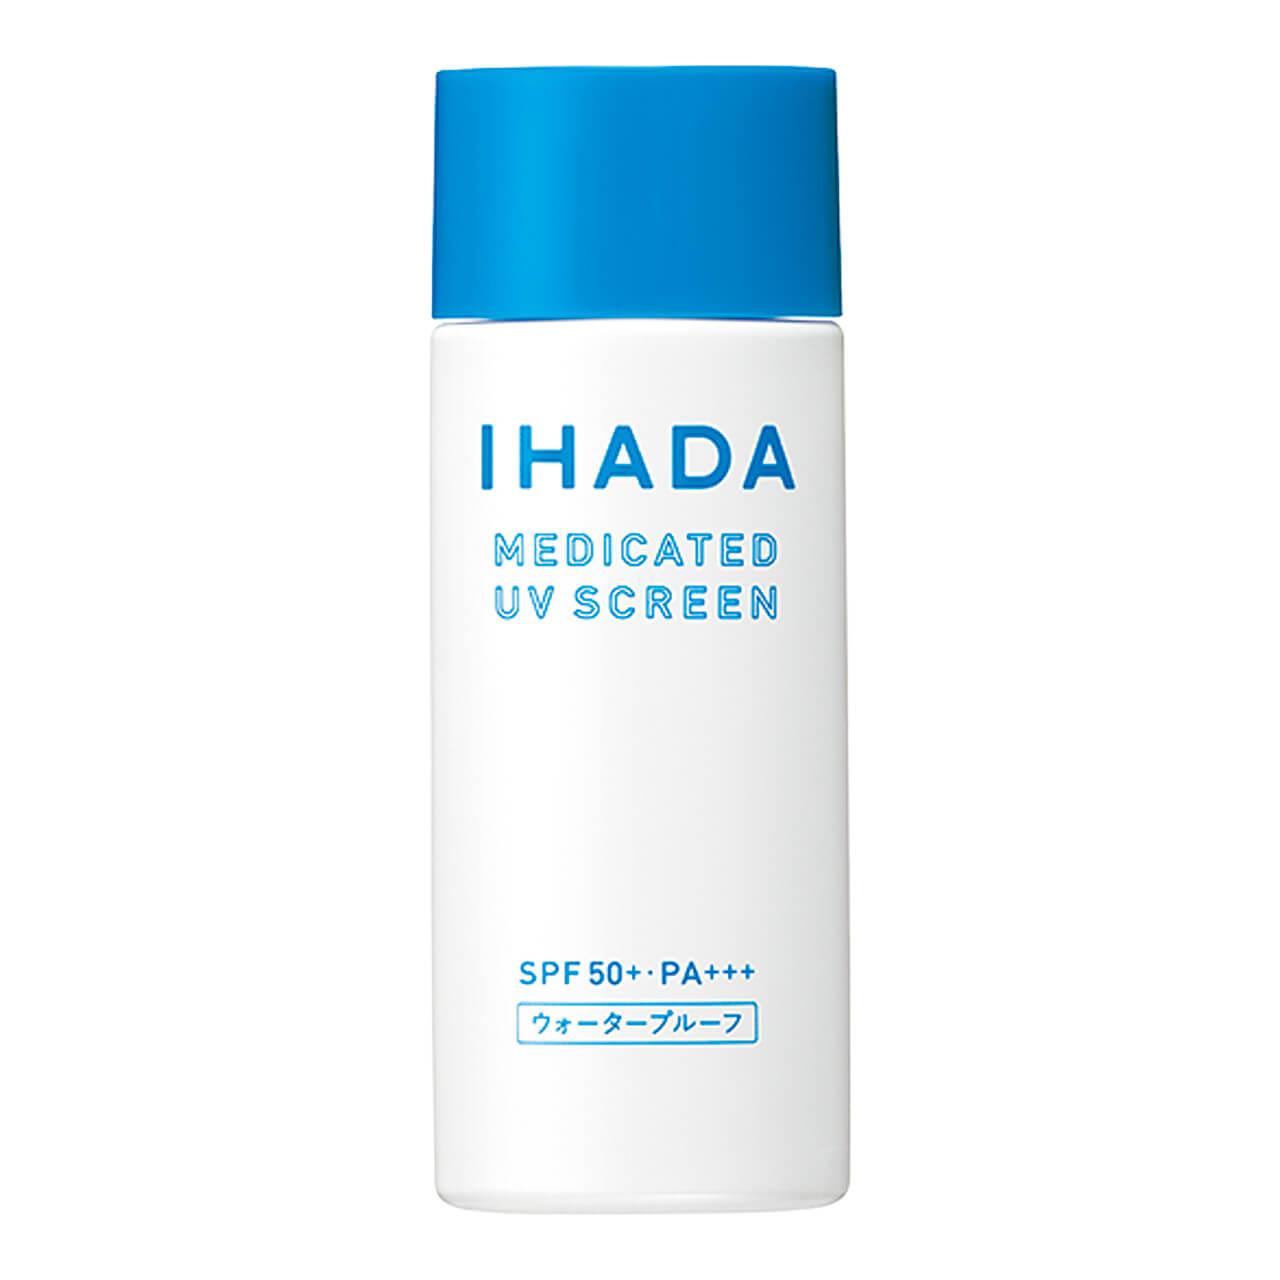 イハダ 薬用 UVスクリーン (医薬部外品) SPF50+・PA+++ 50㎖¥1760(編集部調べ)/資生堂薬品